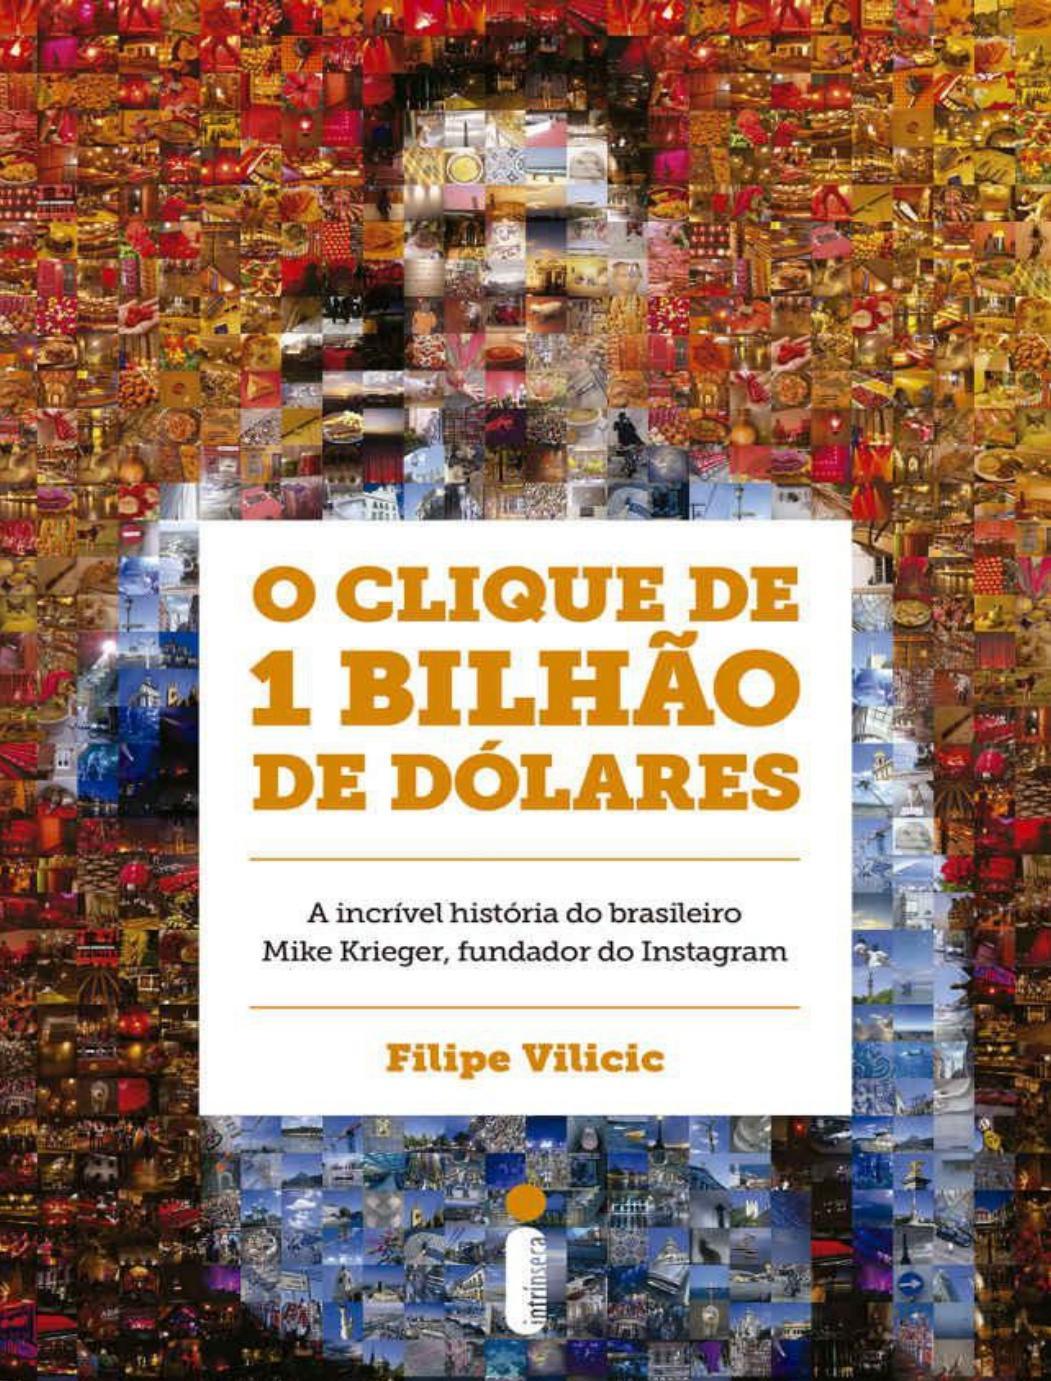 d08cbeba95 O clique de 1 bilhao de dolares - filipe vilicic by franciskini - issuu